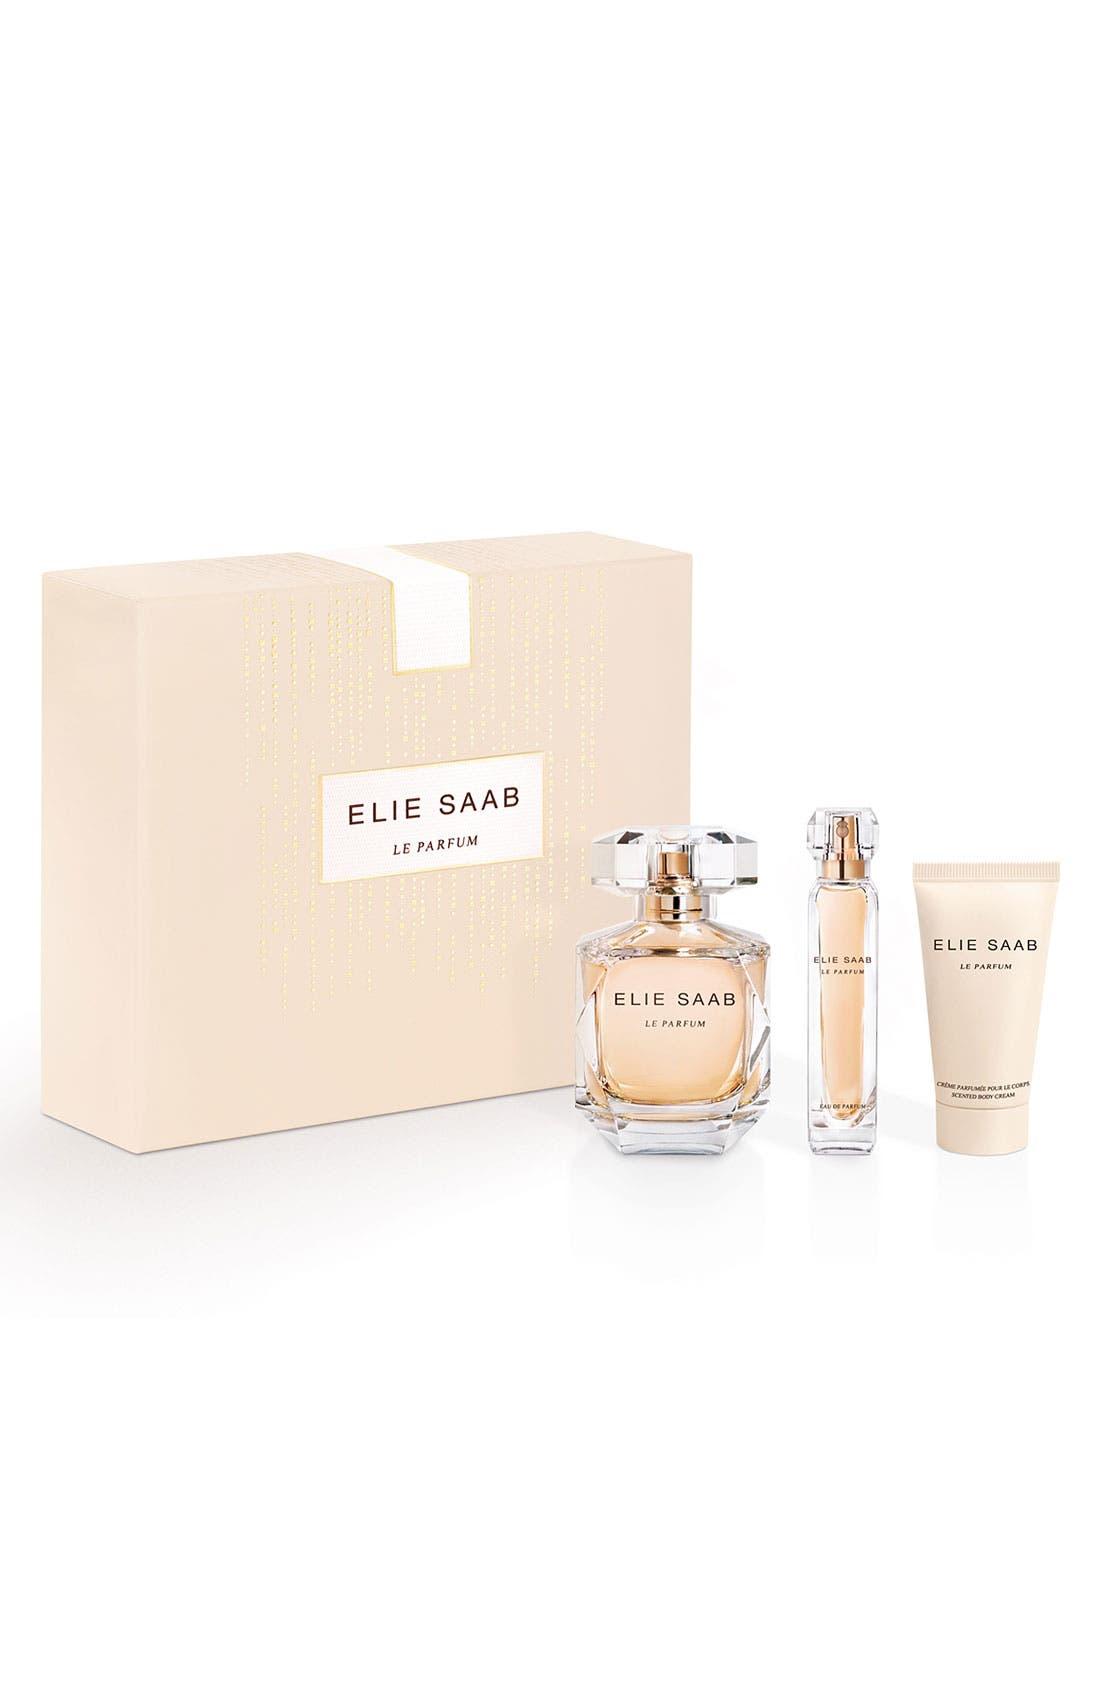 'Le Parfum' Eau de Parfum Gift Set,                         Main,                         color, 000